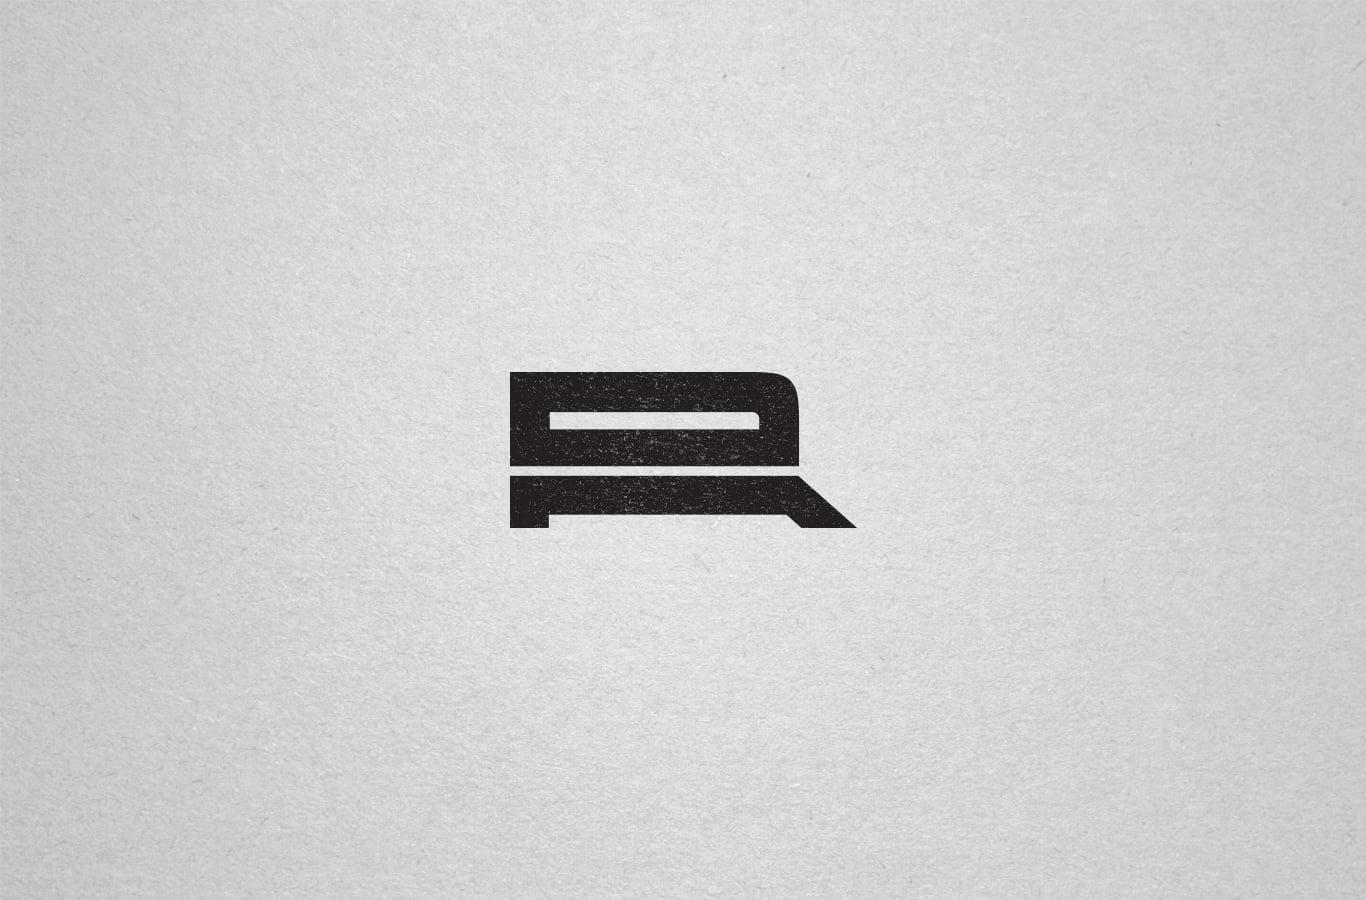 ar monogram symbol design